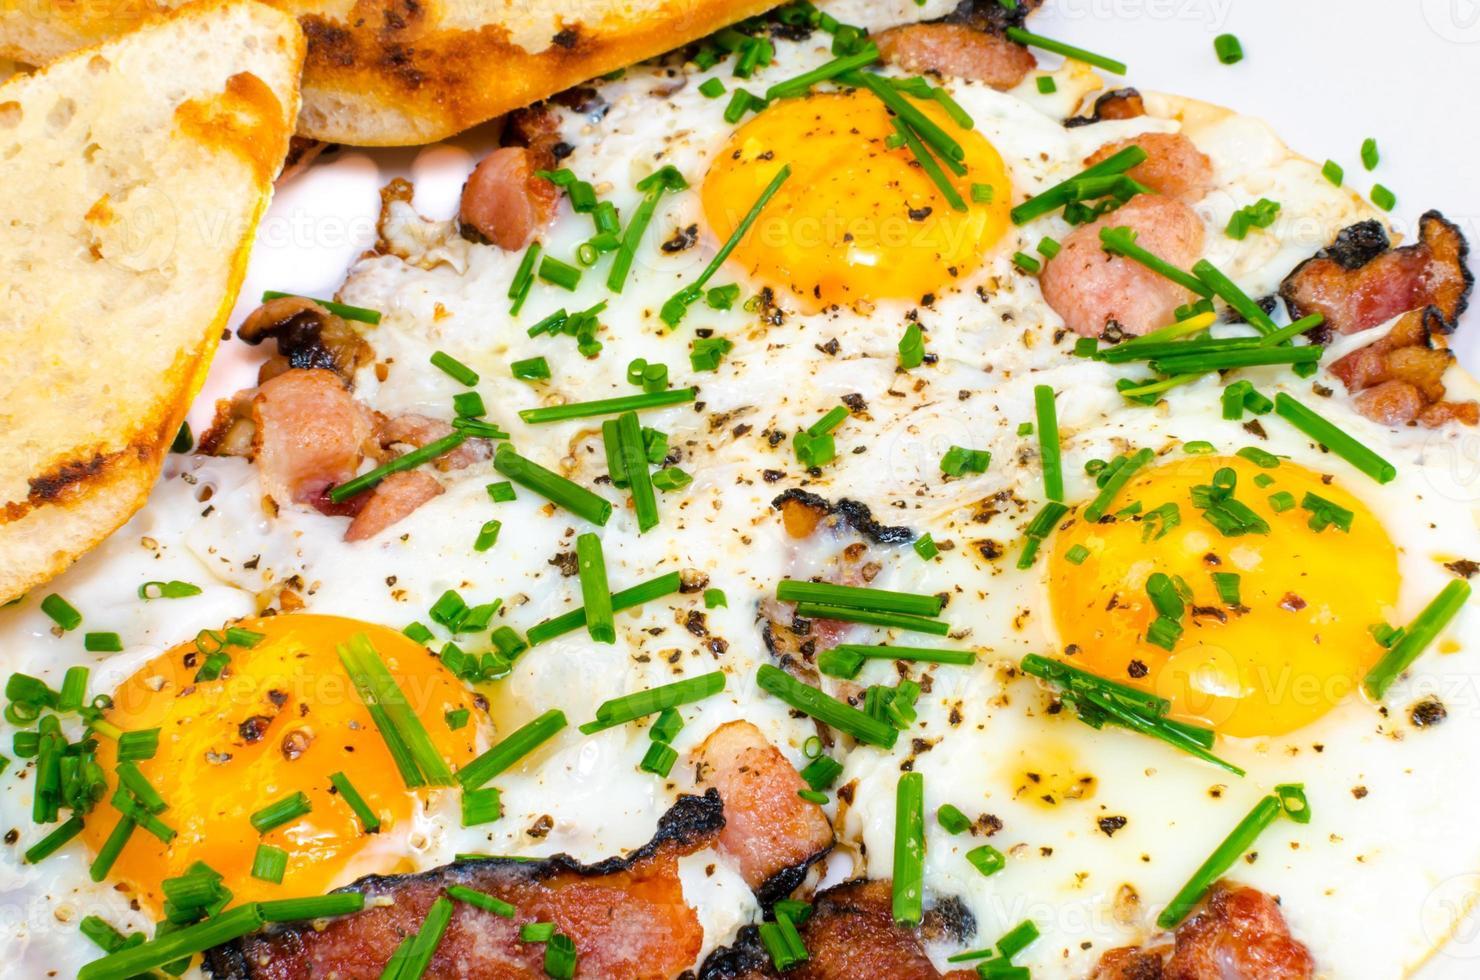 spek, eieren en bieslook met krokante toast foto